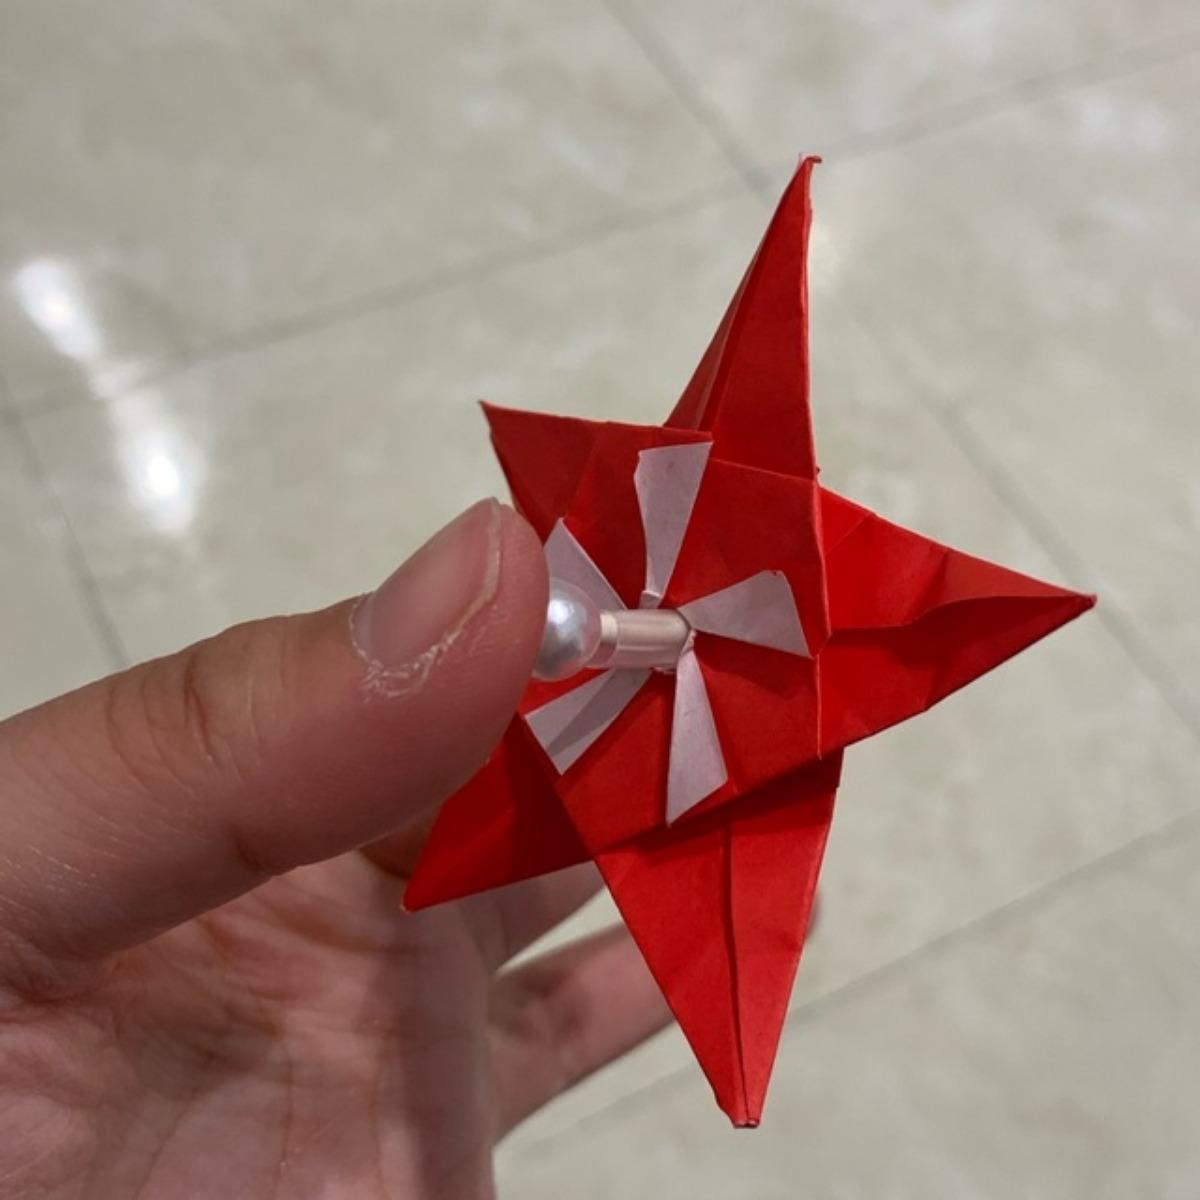 【アプリ投稿】星型ハンドスピナー